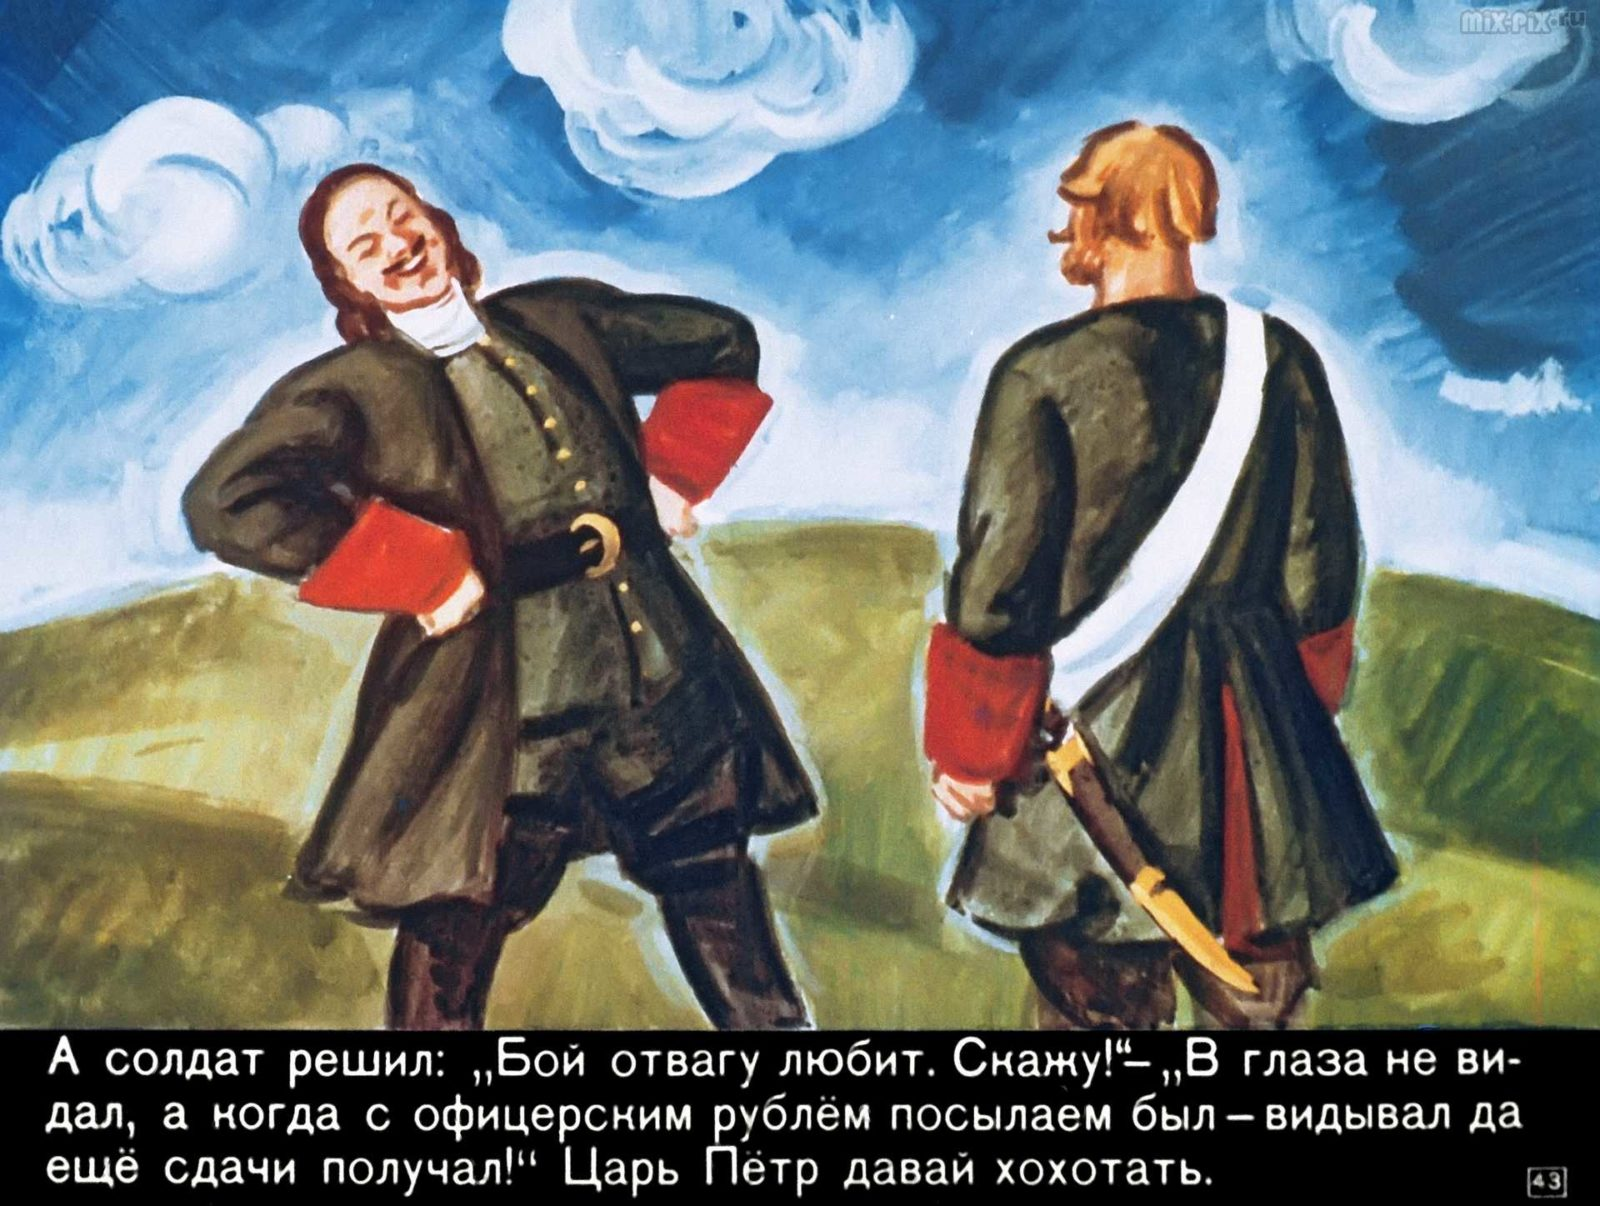 Сказка о бывалом солдате, царе и двенадцати разбойниках (1969) 43